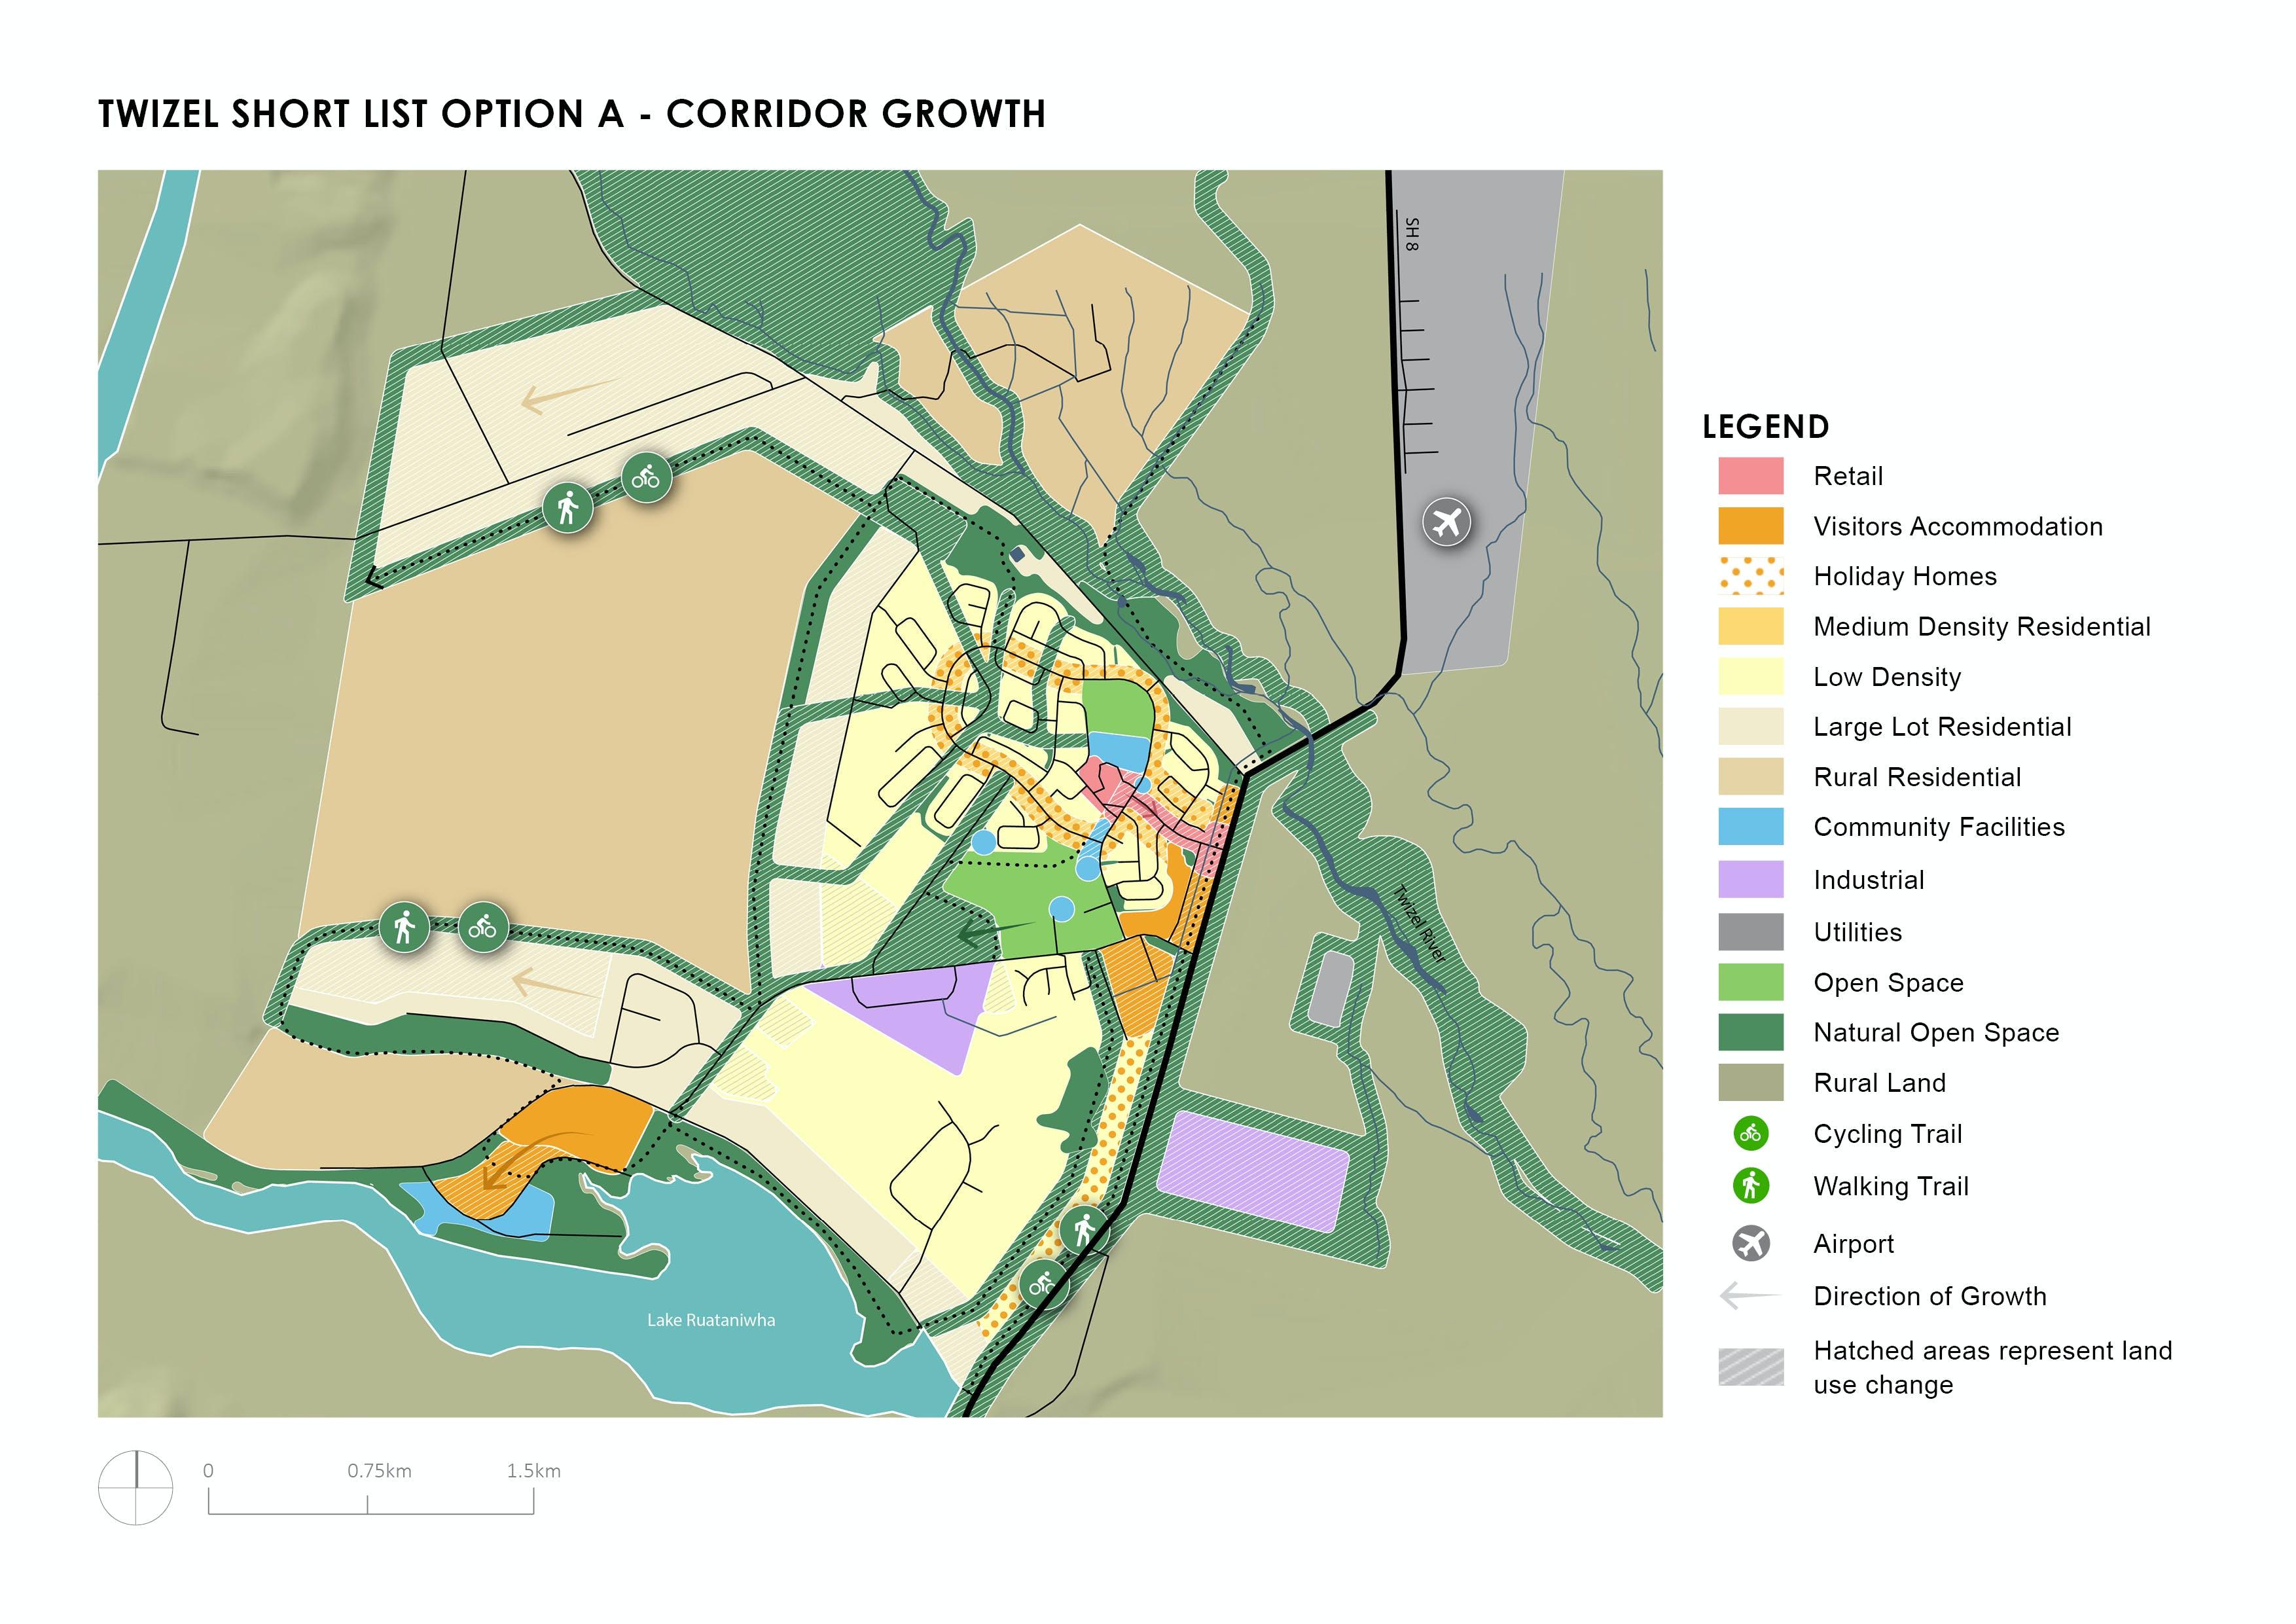 Twizel Shortlist Option A - Corridor Growth